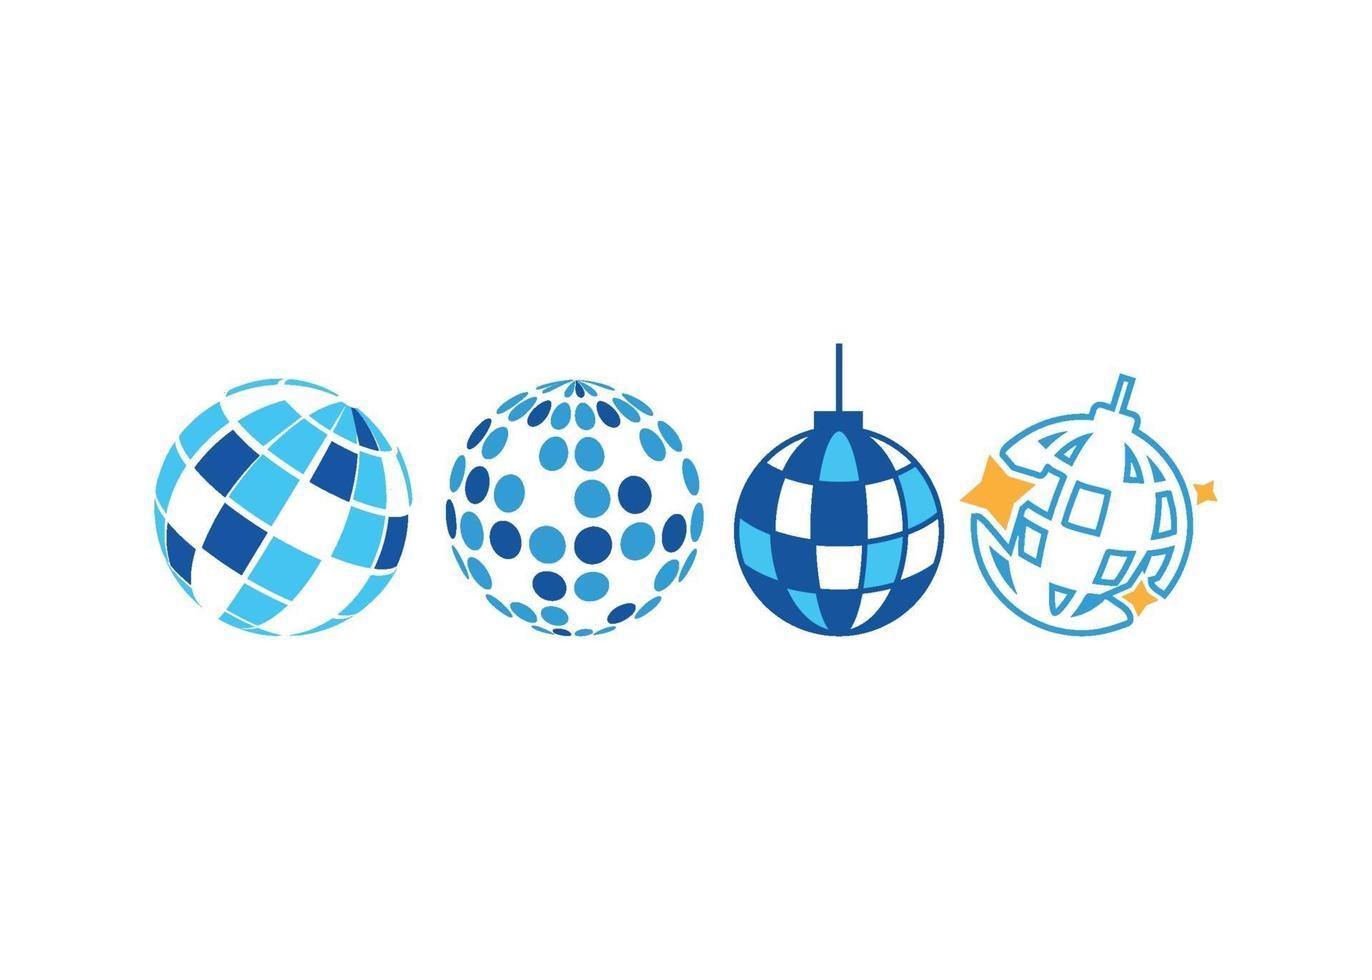 disco bal pictogram illustratie vector set